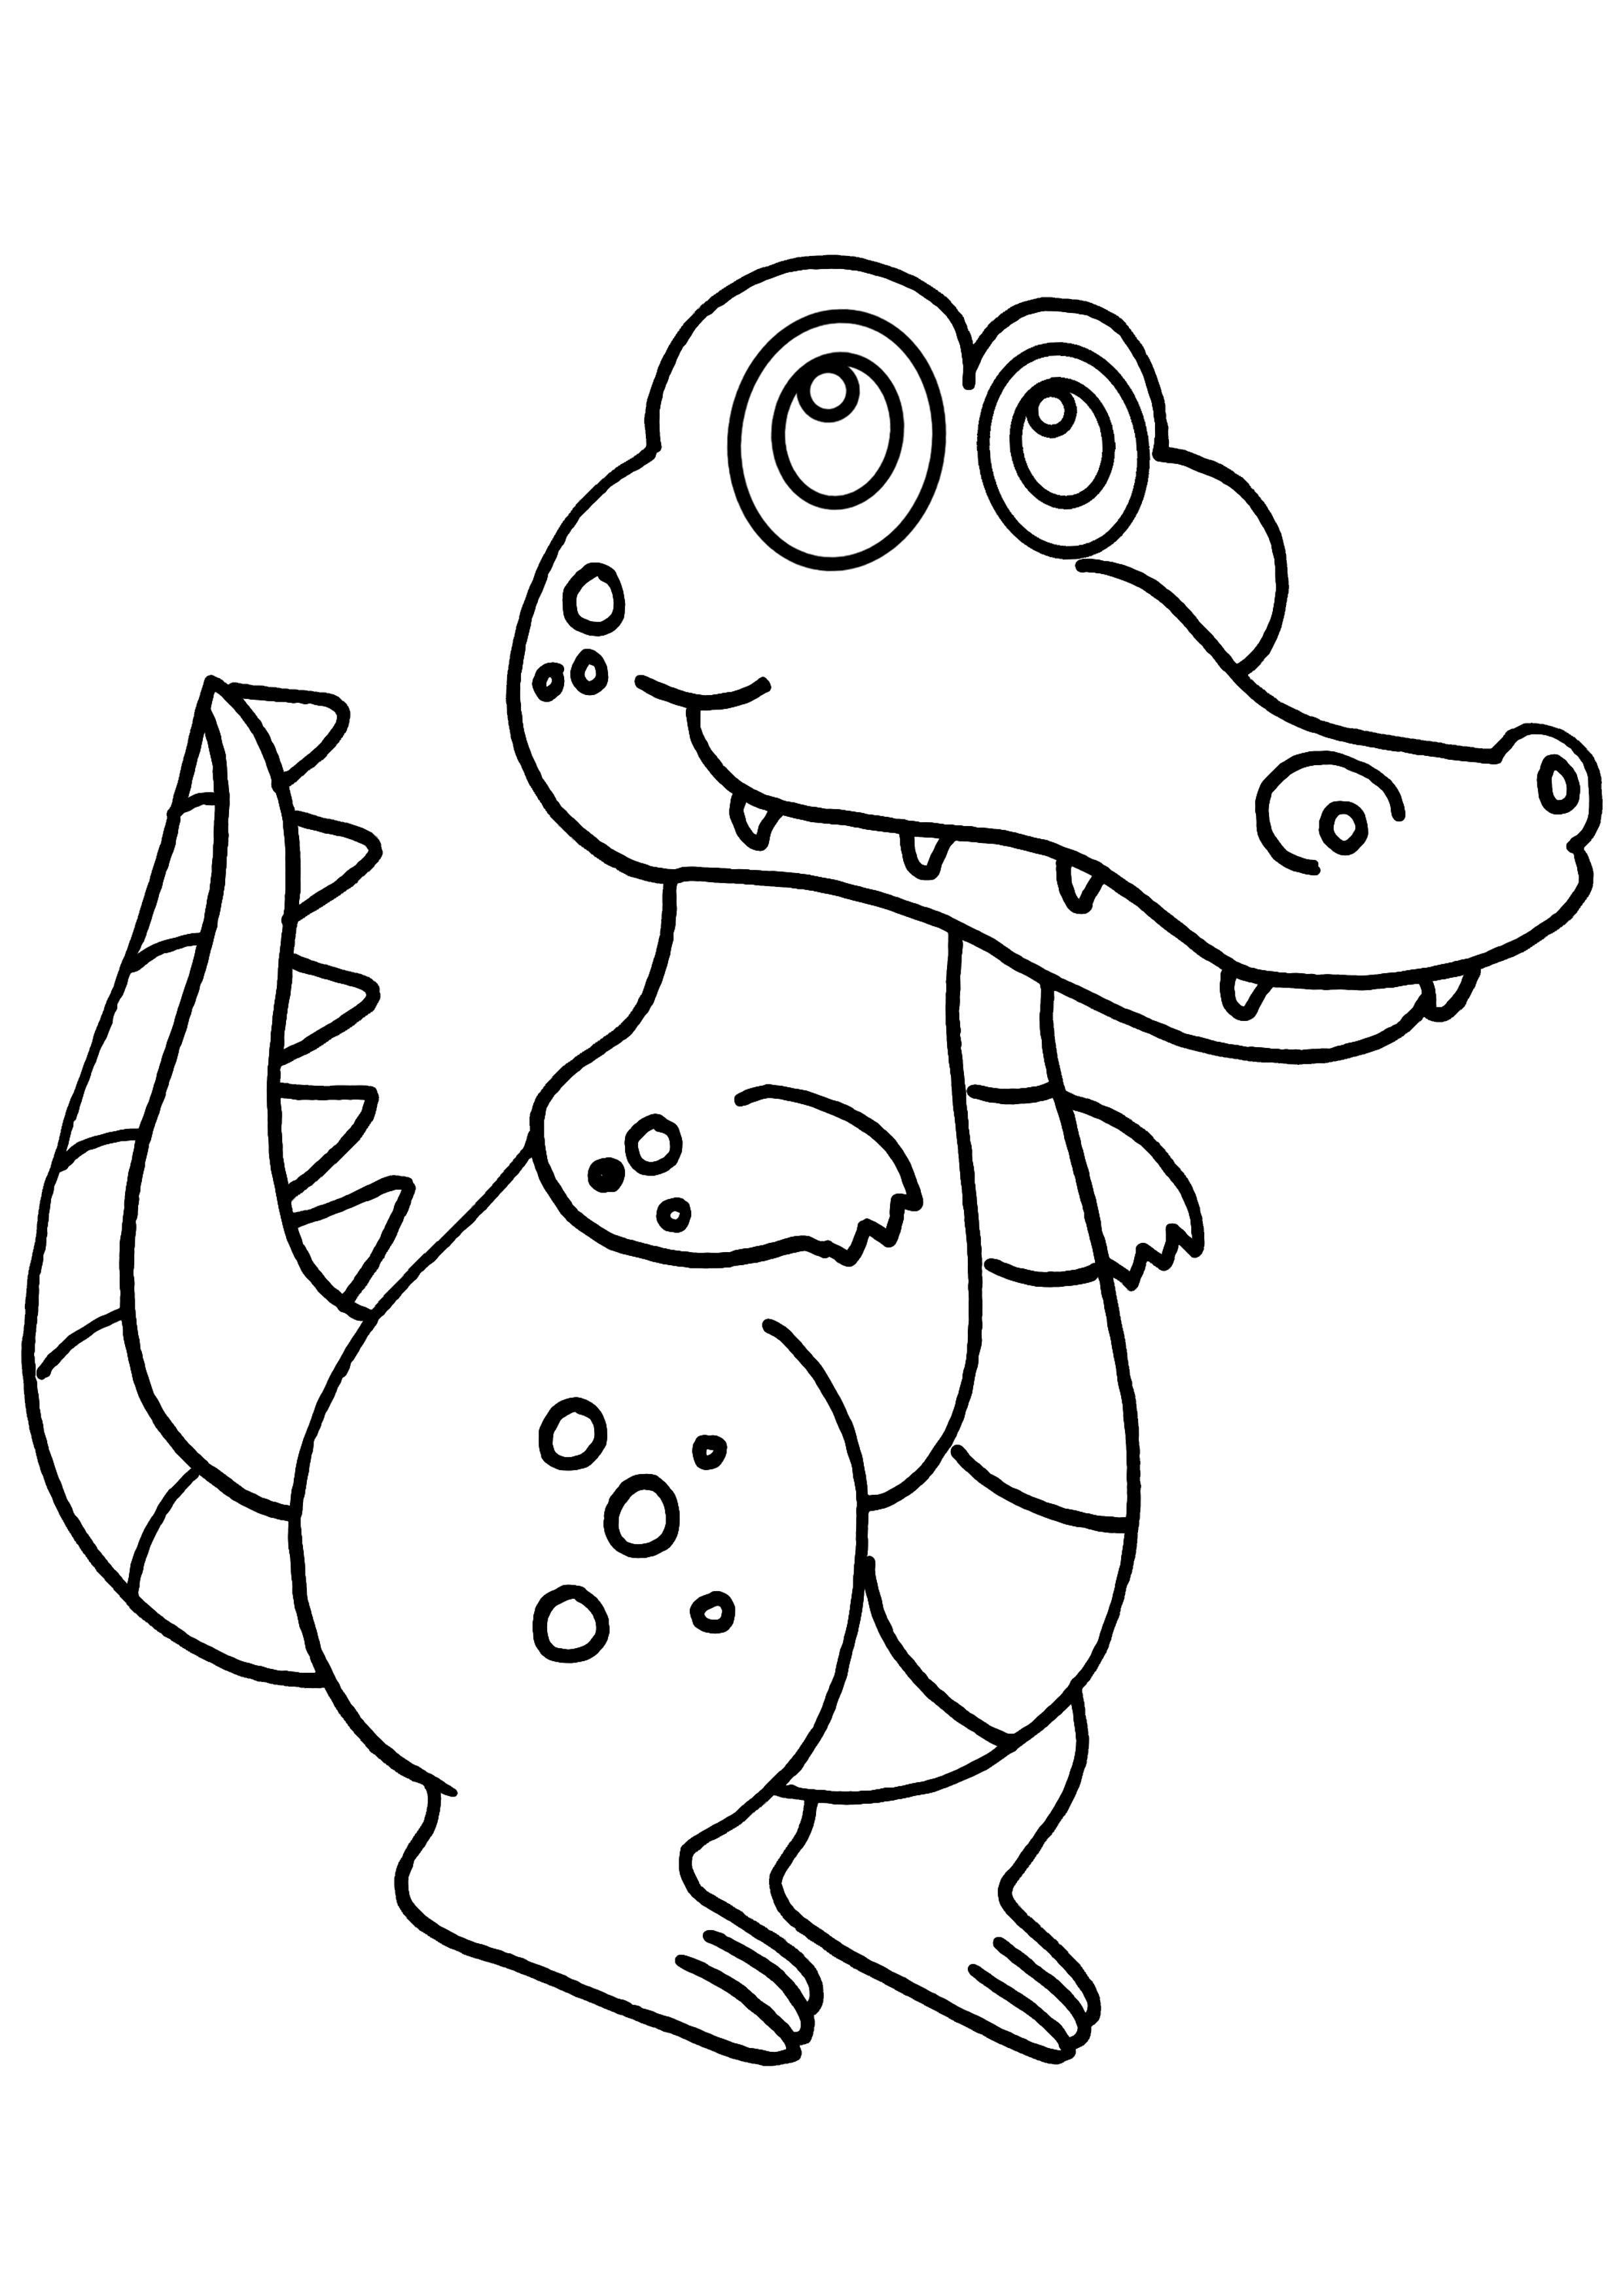 Dessins Gratuits Colorier Coloriage Alligator Imprimer Decoloriage à